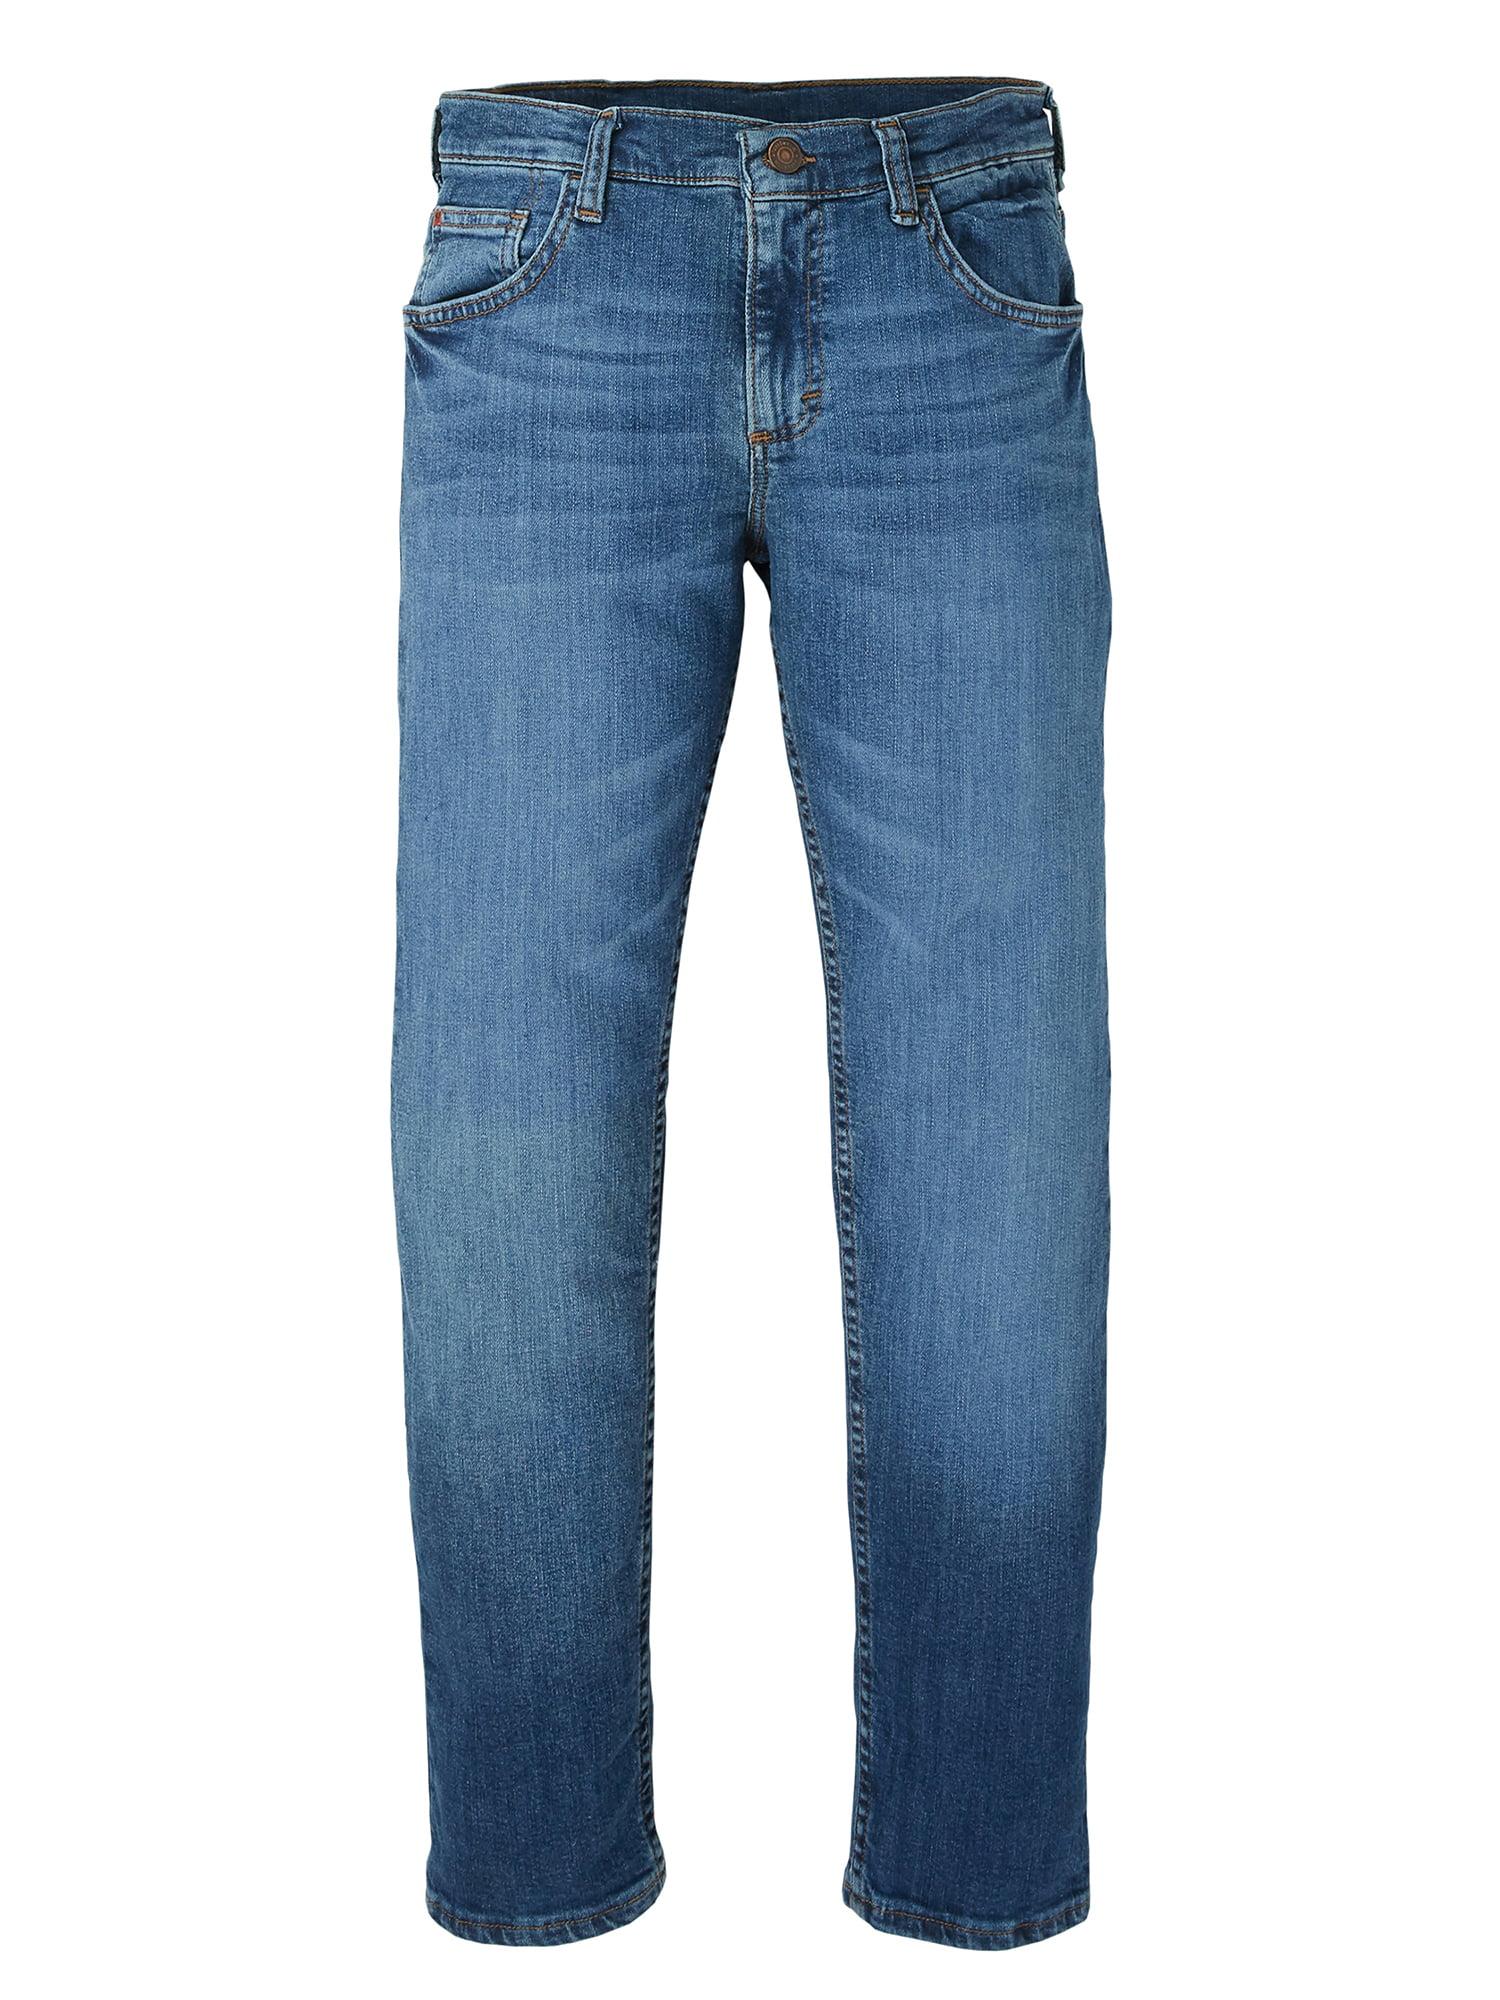 """Boys Wrangler Adj waist Prem Jeans 5 pocket /"""" Skinny /"""" Maximum Flex NWT 2 to 5T"""